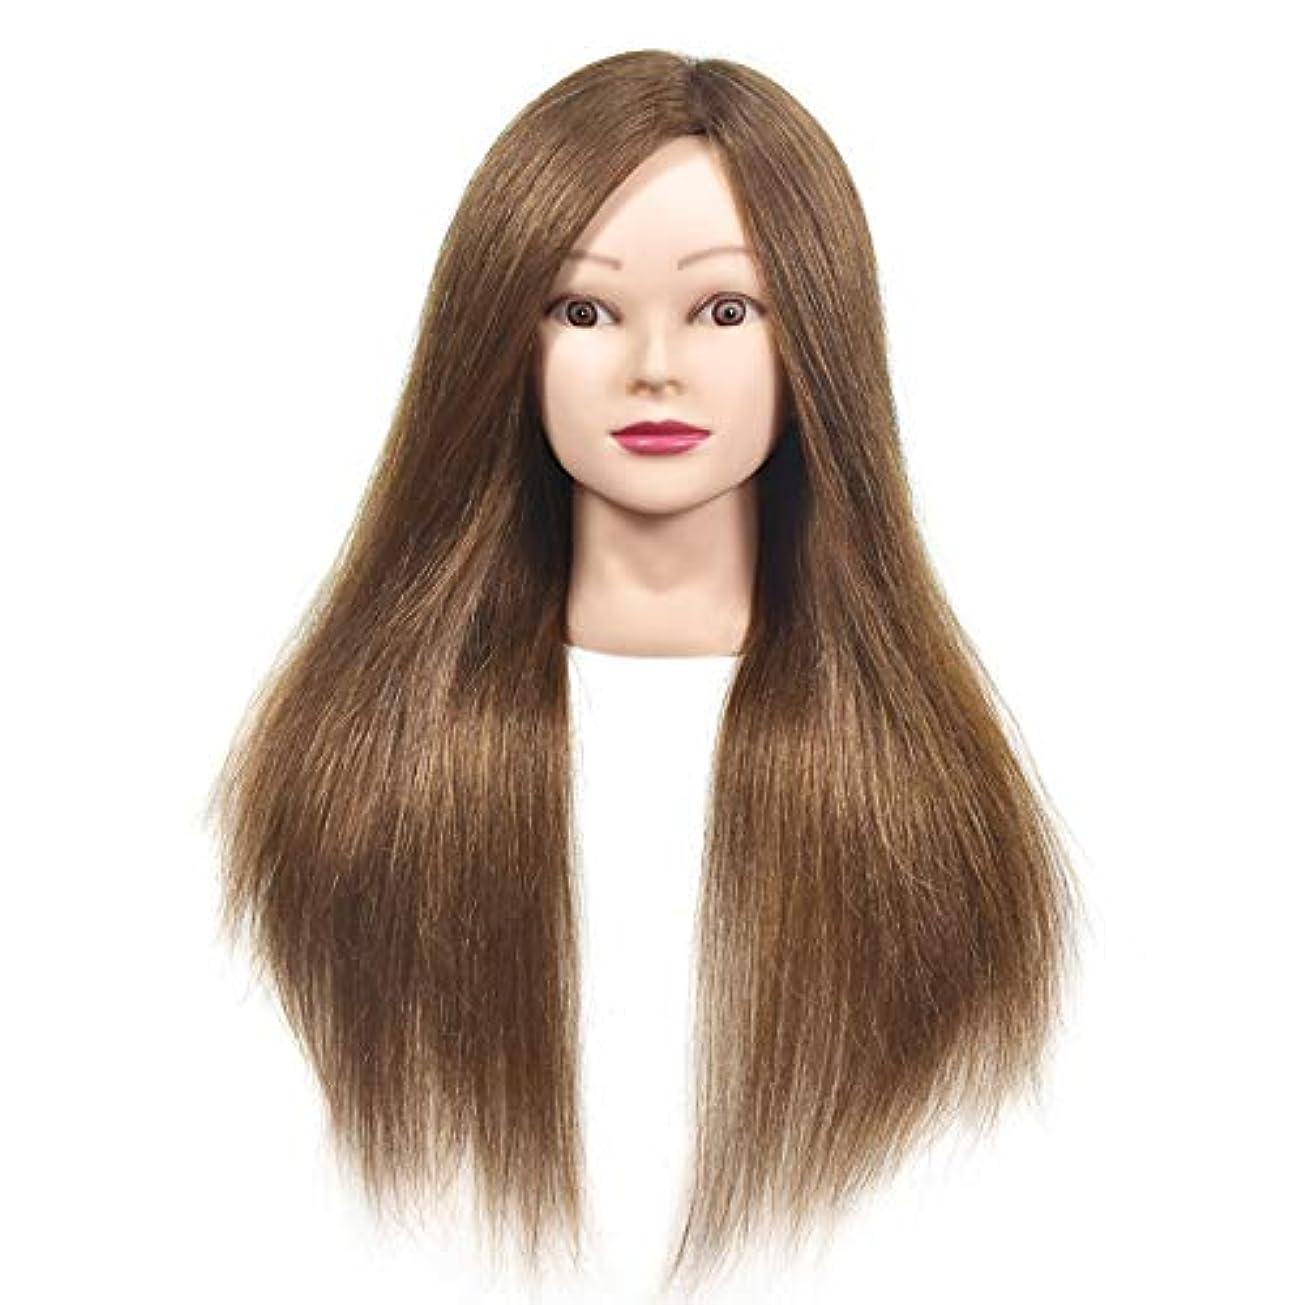 速記外交漁師本物の人間の髪のかつらの頭の金型の頭の編み出しスタイリングのマネキン頭の理髪店の練習の教師のダミーヘッド